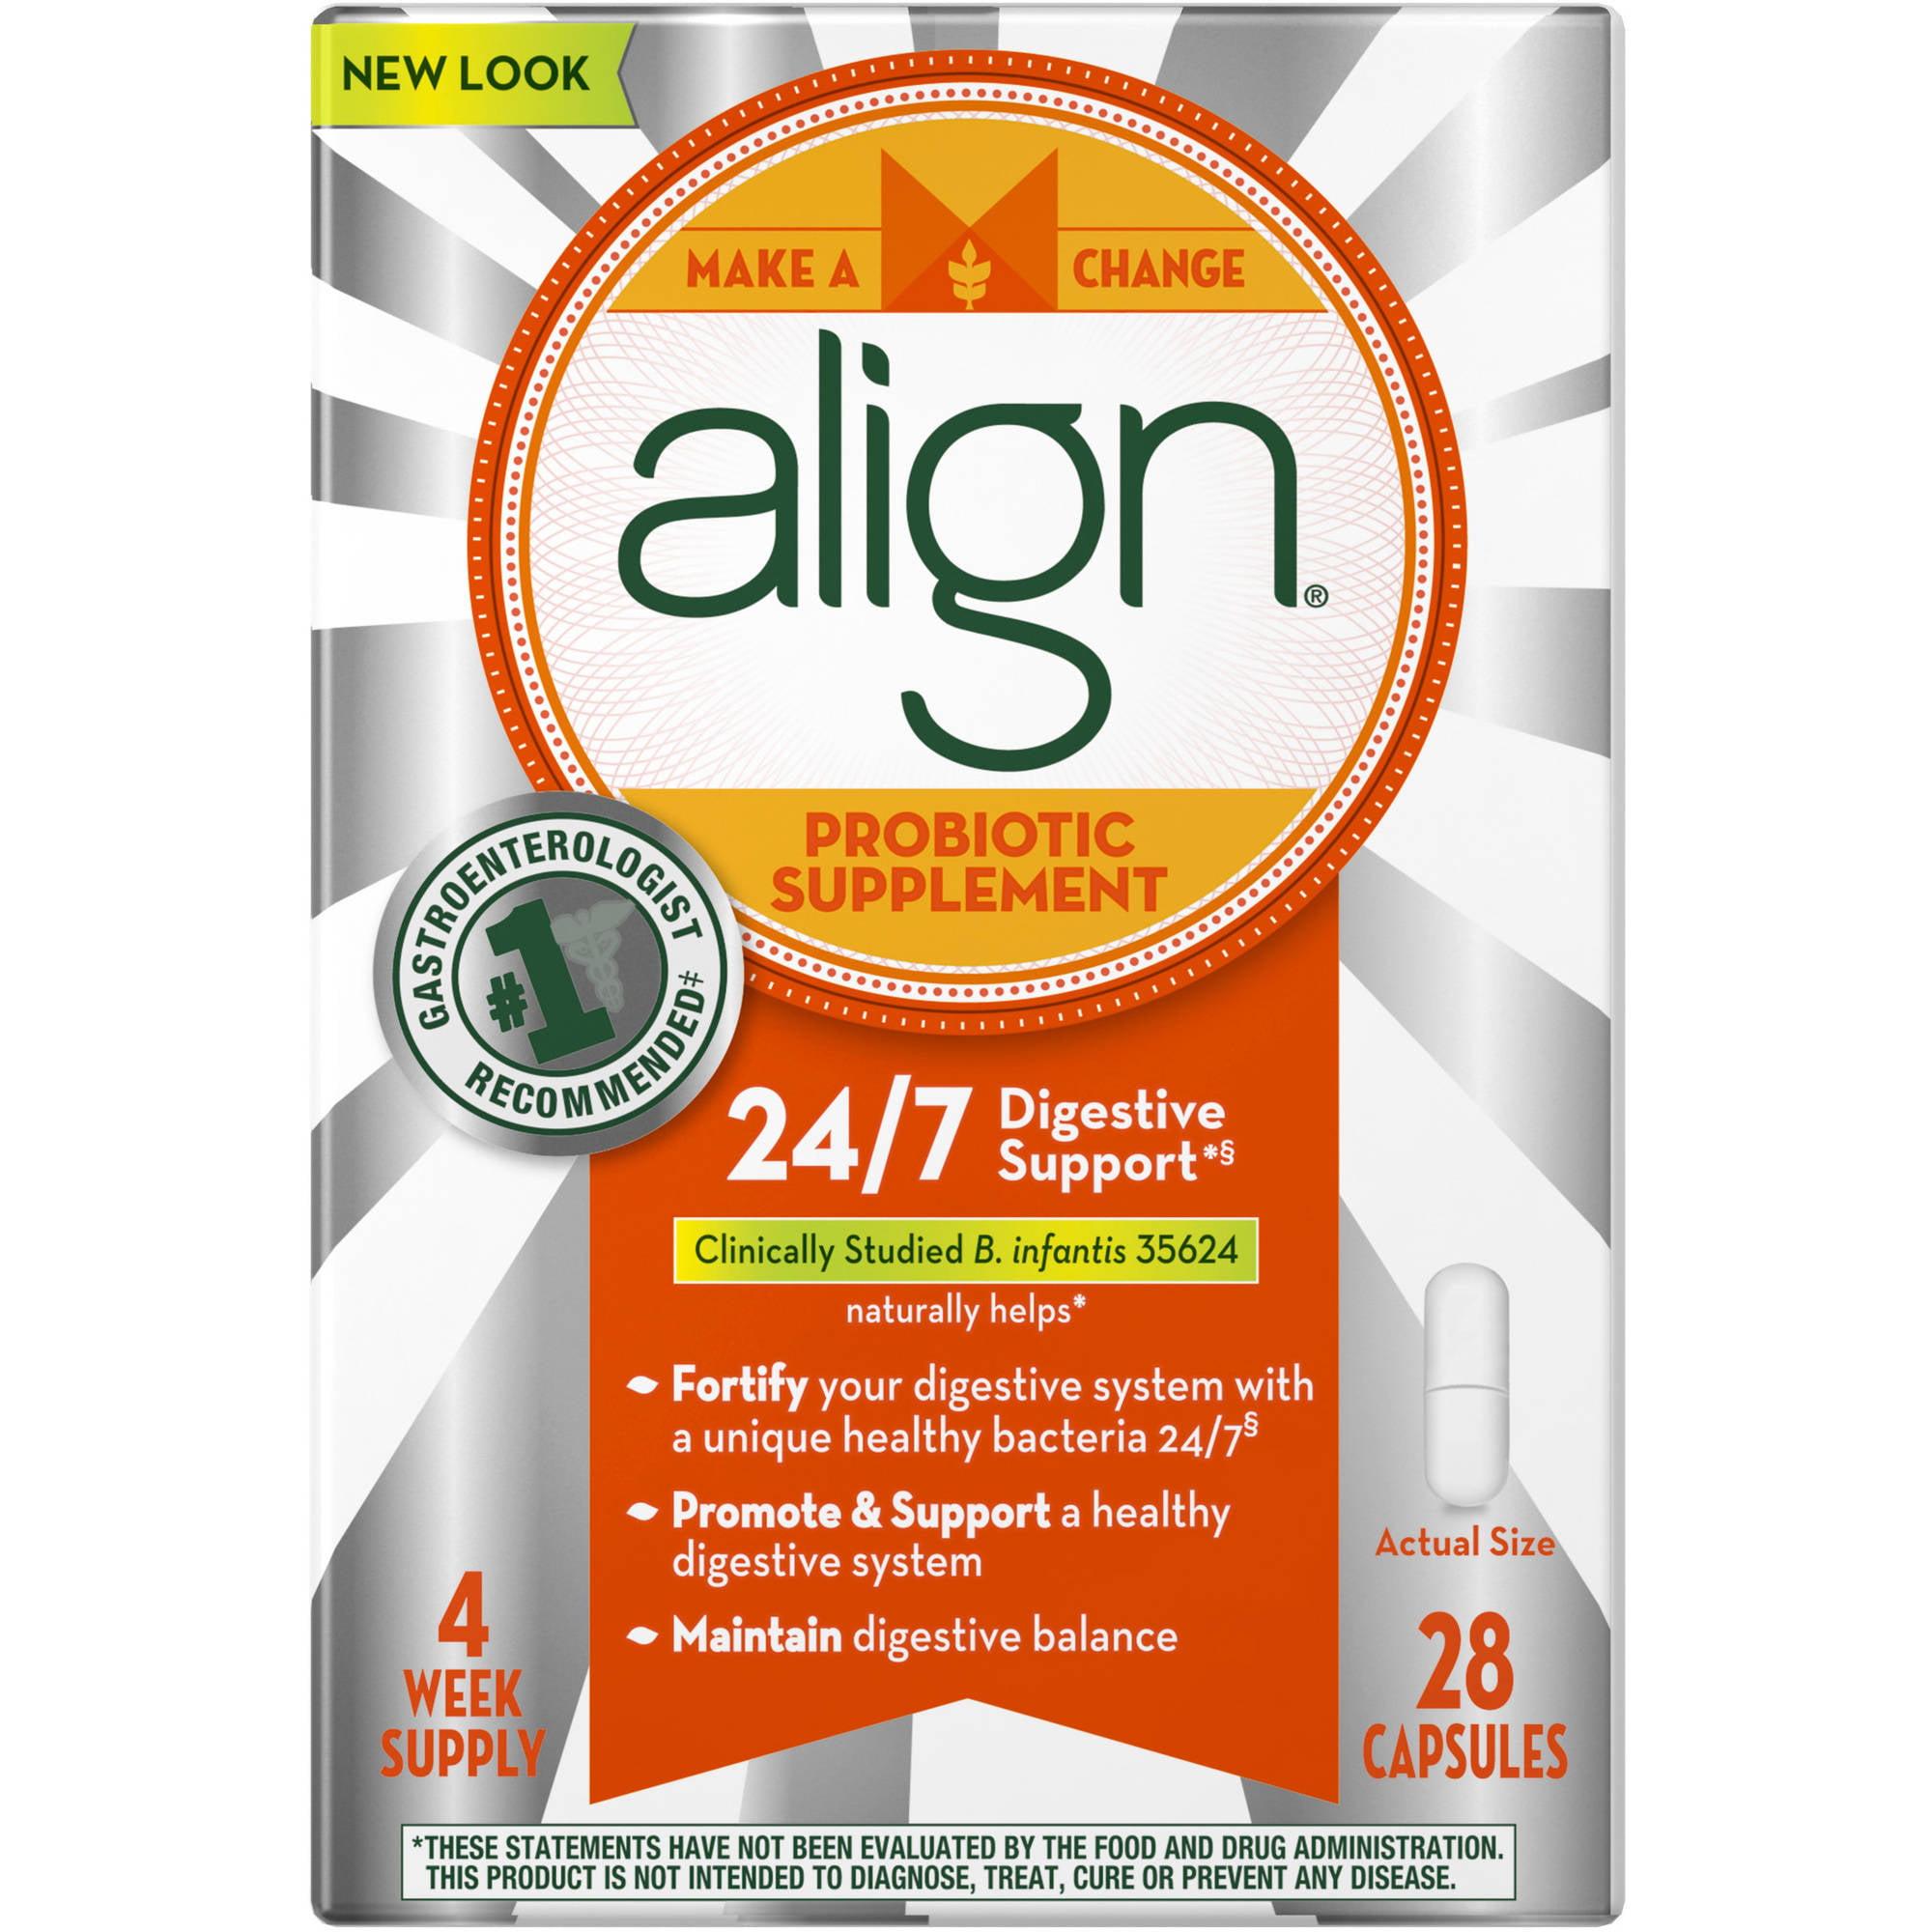 Align Probiotic Supplement Capsules, 28 Count